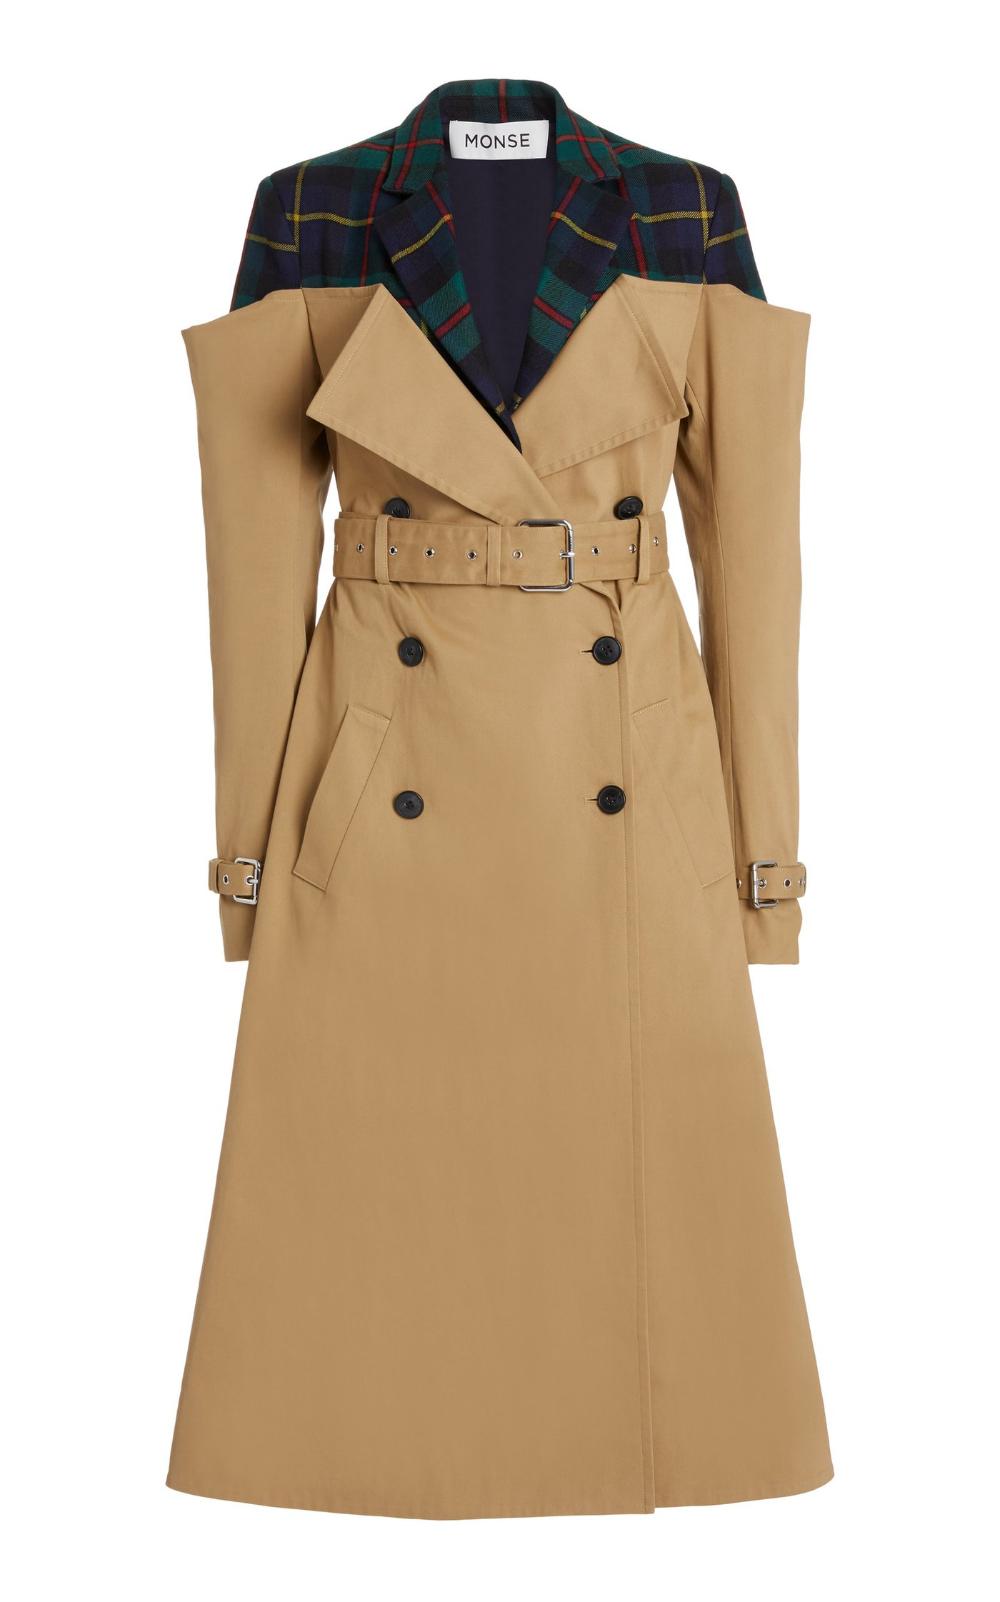 Deconstructed Cotton Gabardine Trench Coat By Monse Moda Operandi Winter Coat Trends Coat Trends Coat